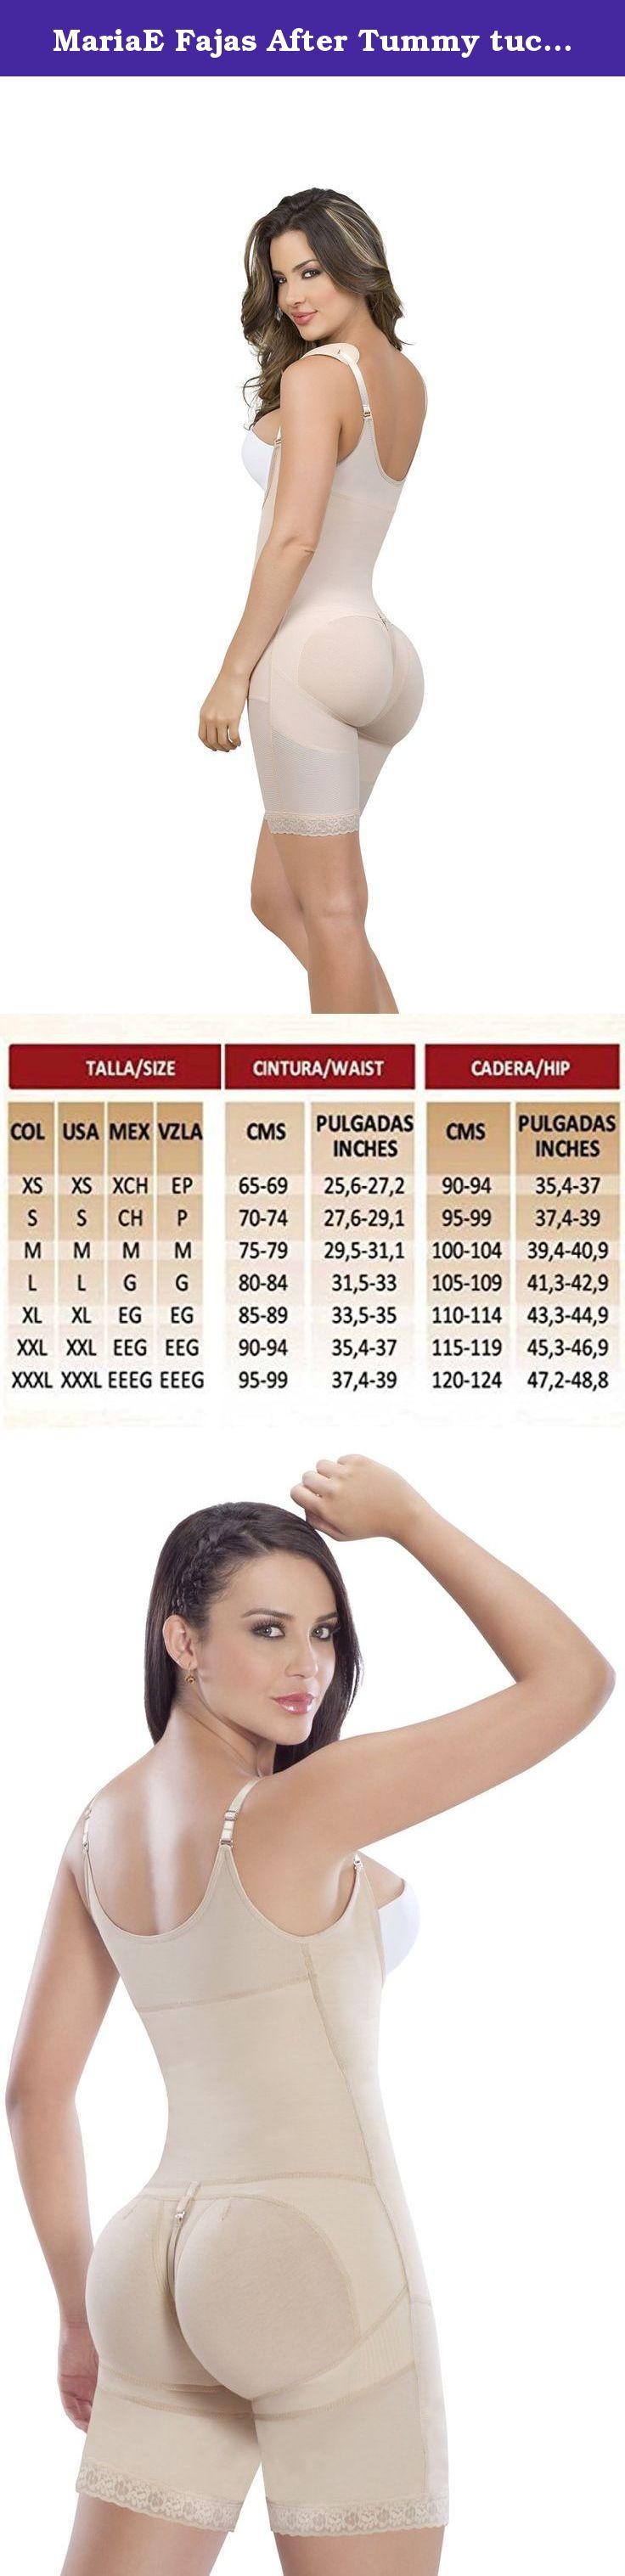 ec9079b3af53d MariaE Fajas After Tummy tuck garment High Compression Powernet Beige 9182  4XL. MariaE Fajas Colombianas